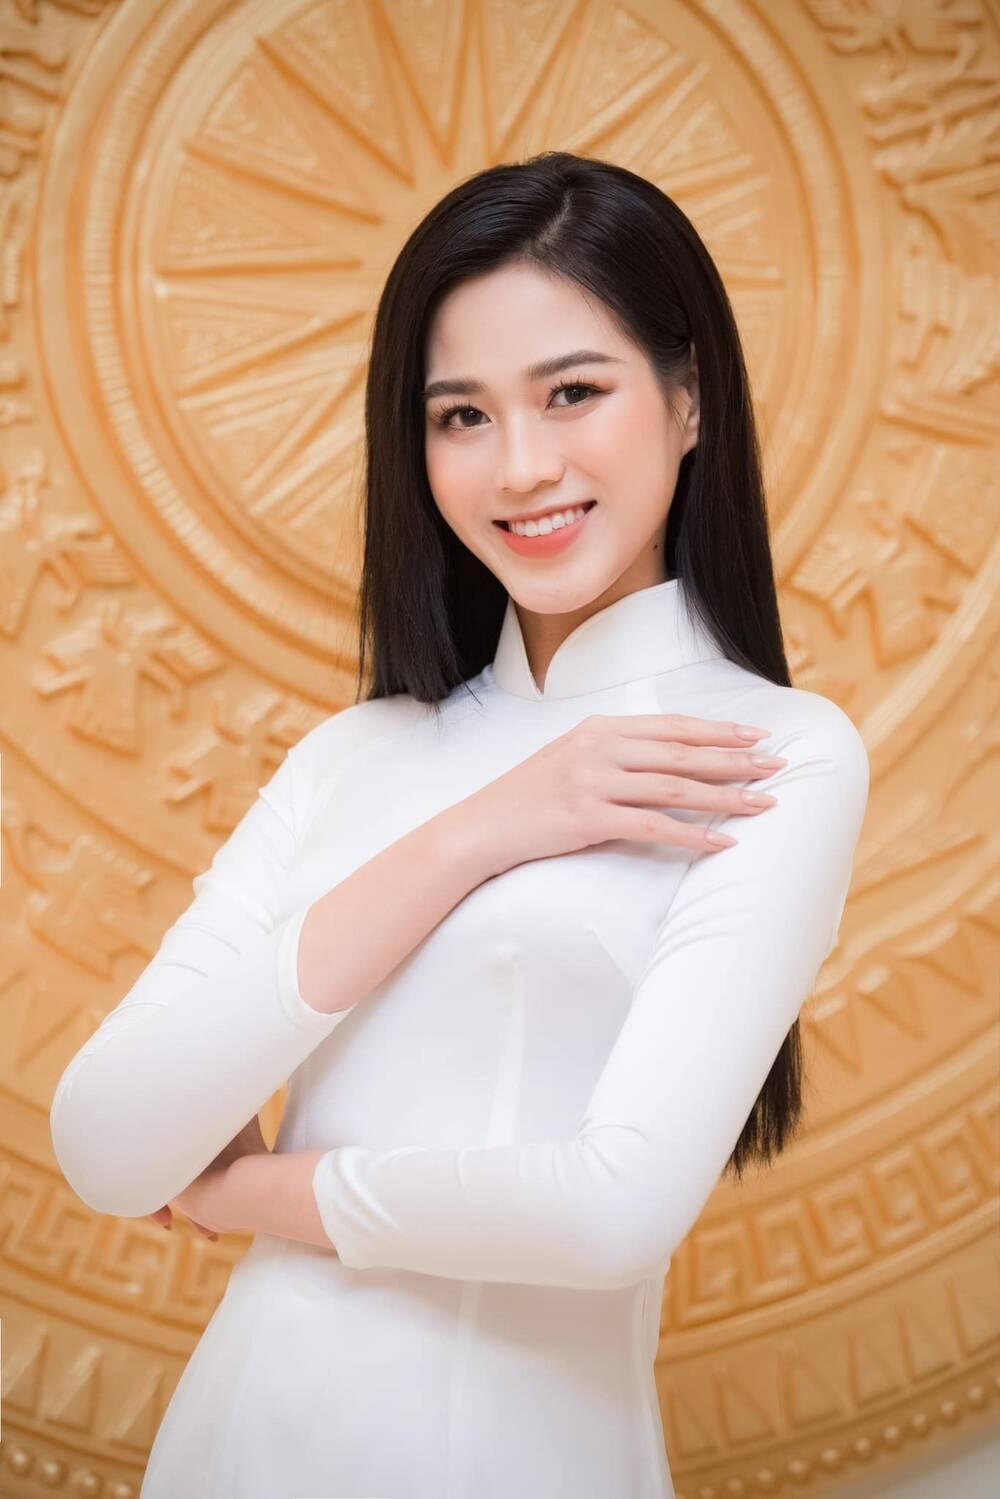 Từng bị chê tơi tả vì kém sắc, hoa hậu Đỗ Thị Hà lấy lại phong độ: Đơn giản mà lại xinh ngút ngàn! Ảnh 8